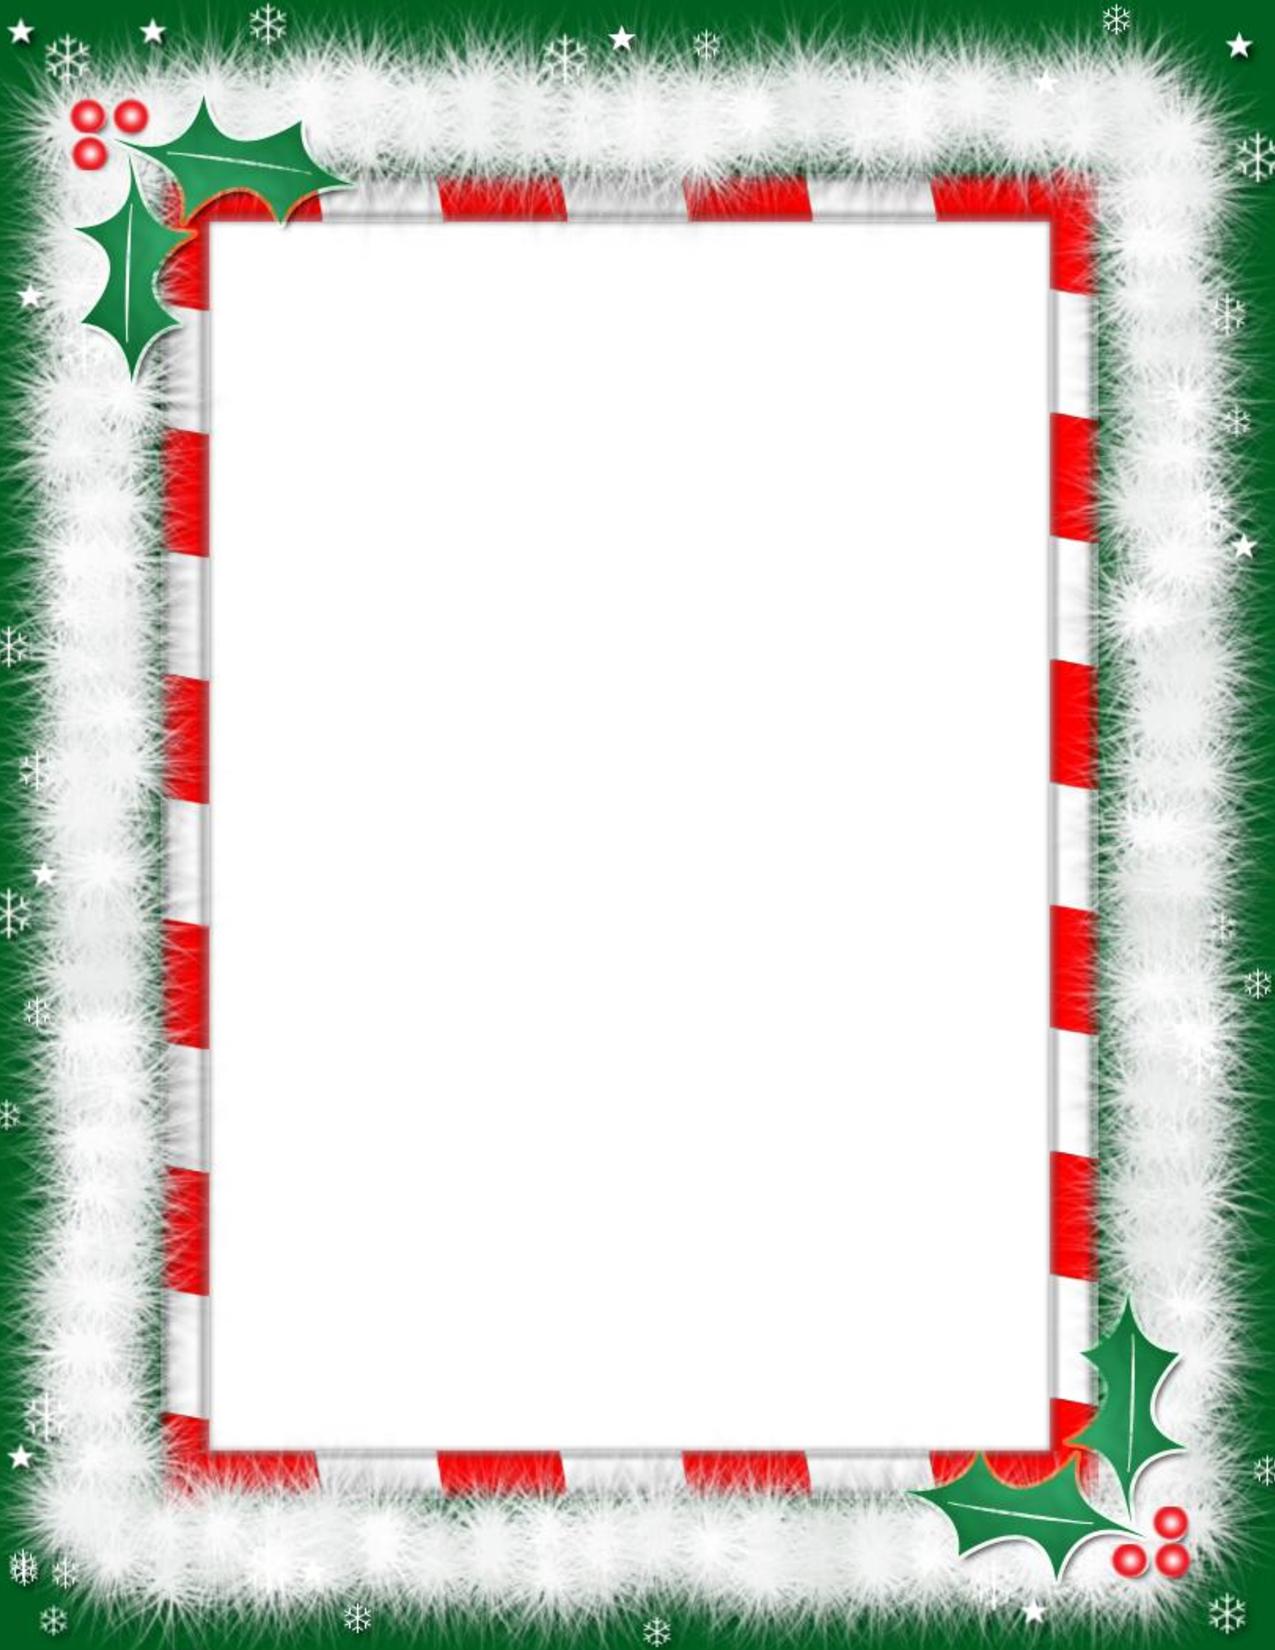 Free Printable Christmas Paper With Borders   Free Printable